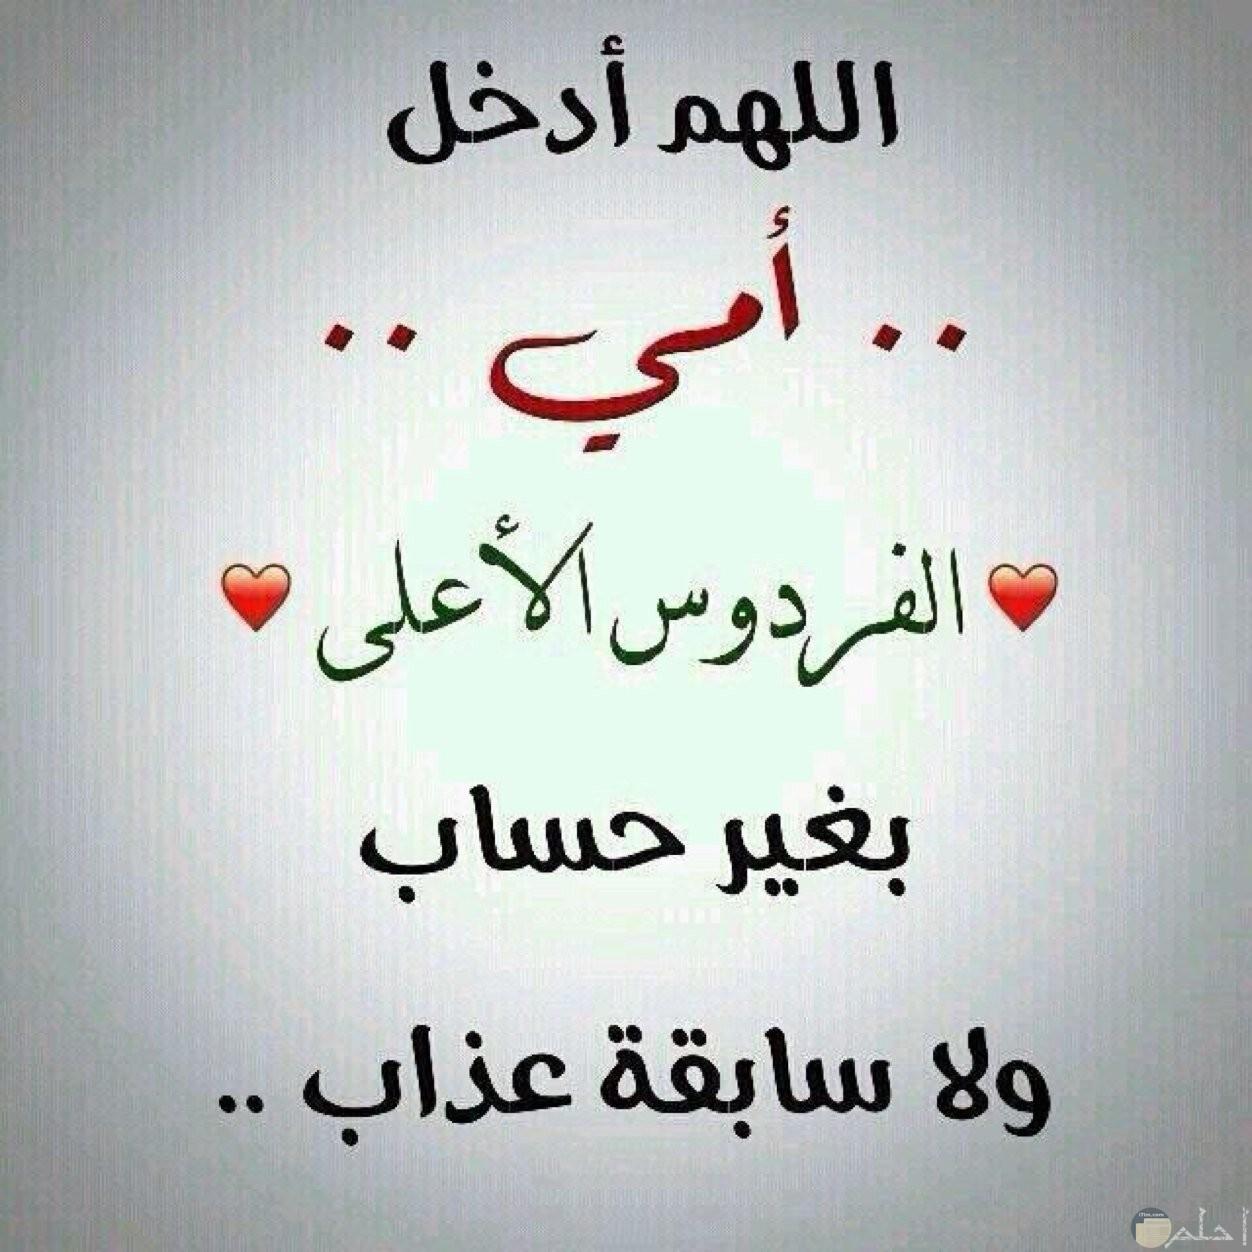 اللهم أدخل أمي الفردوس الأعلى.